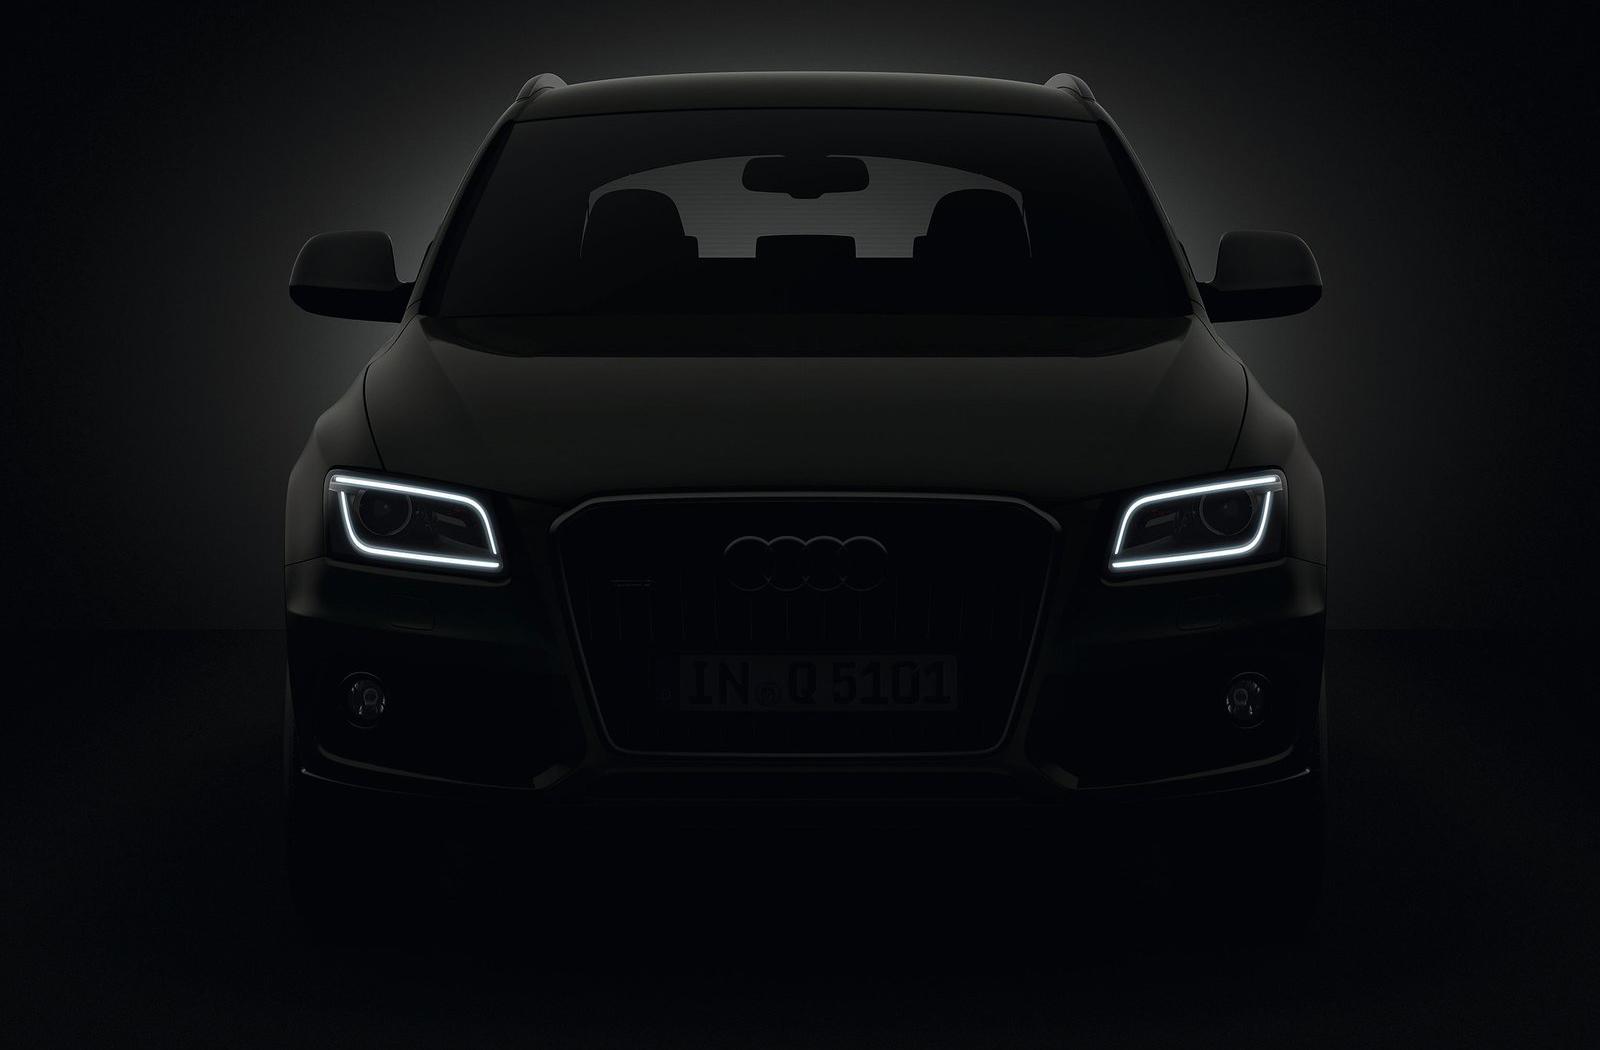 Audi Q5 Wallpaper 04 - [1600x1050]